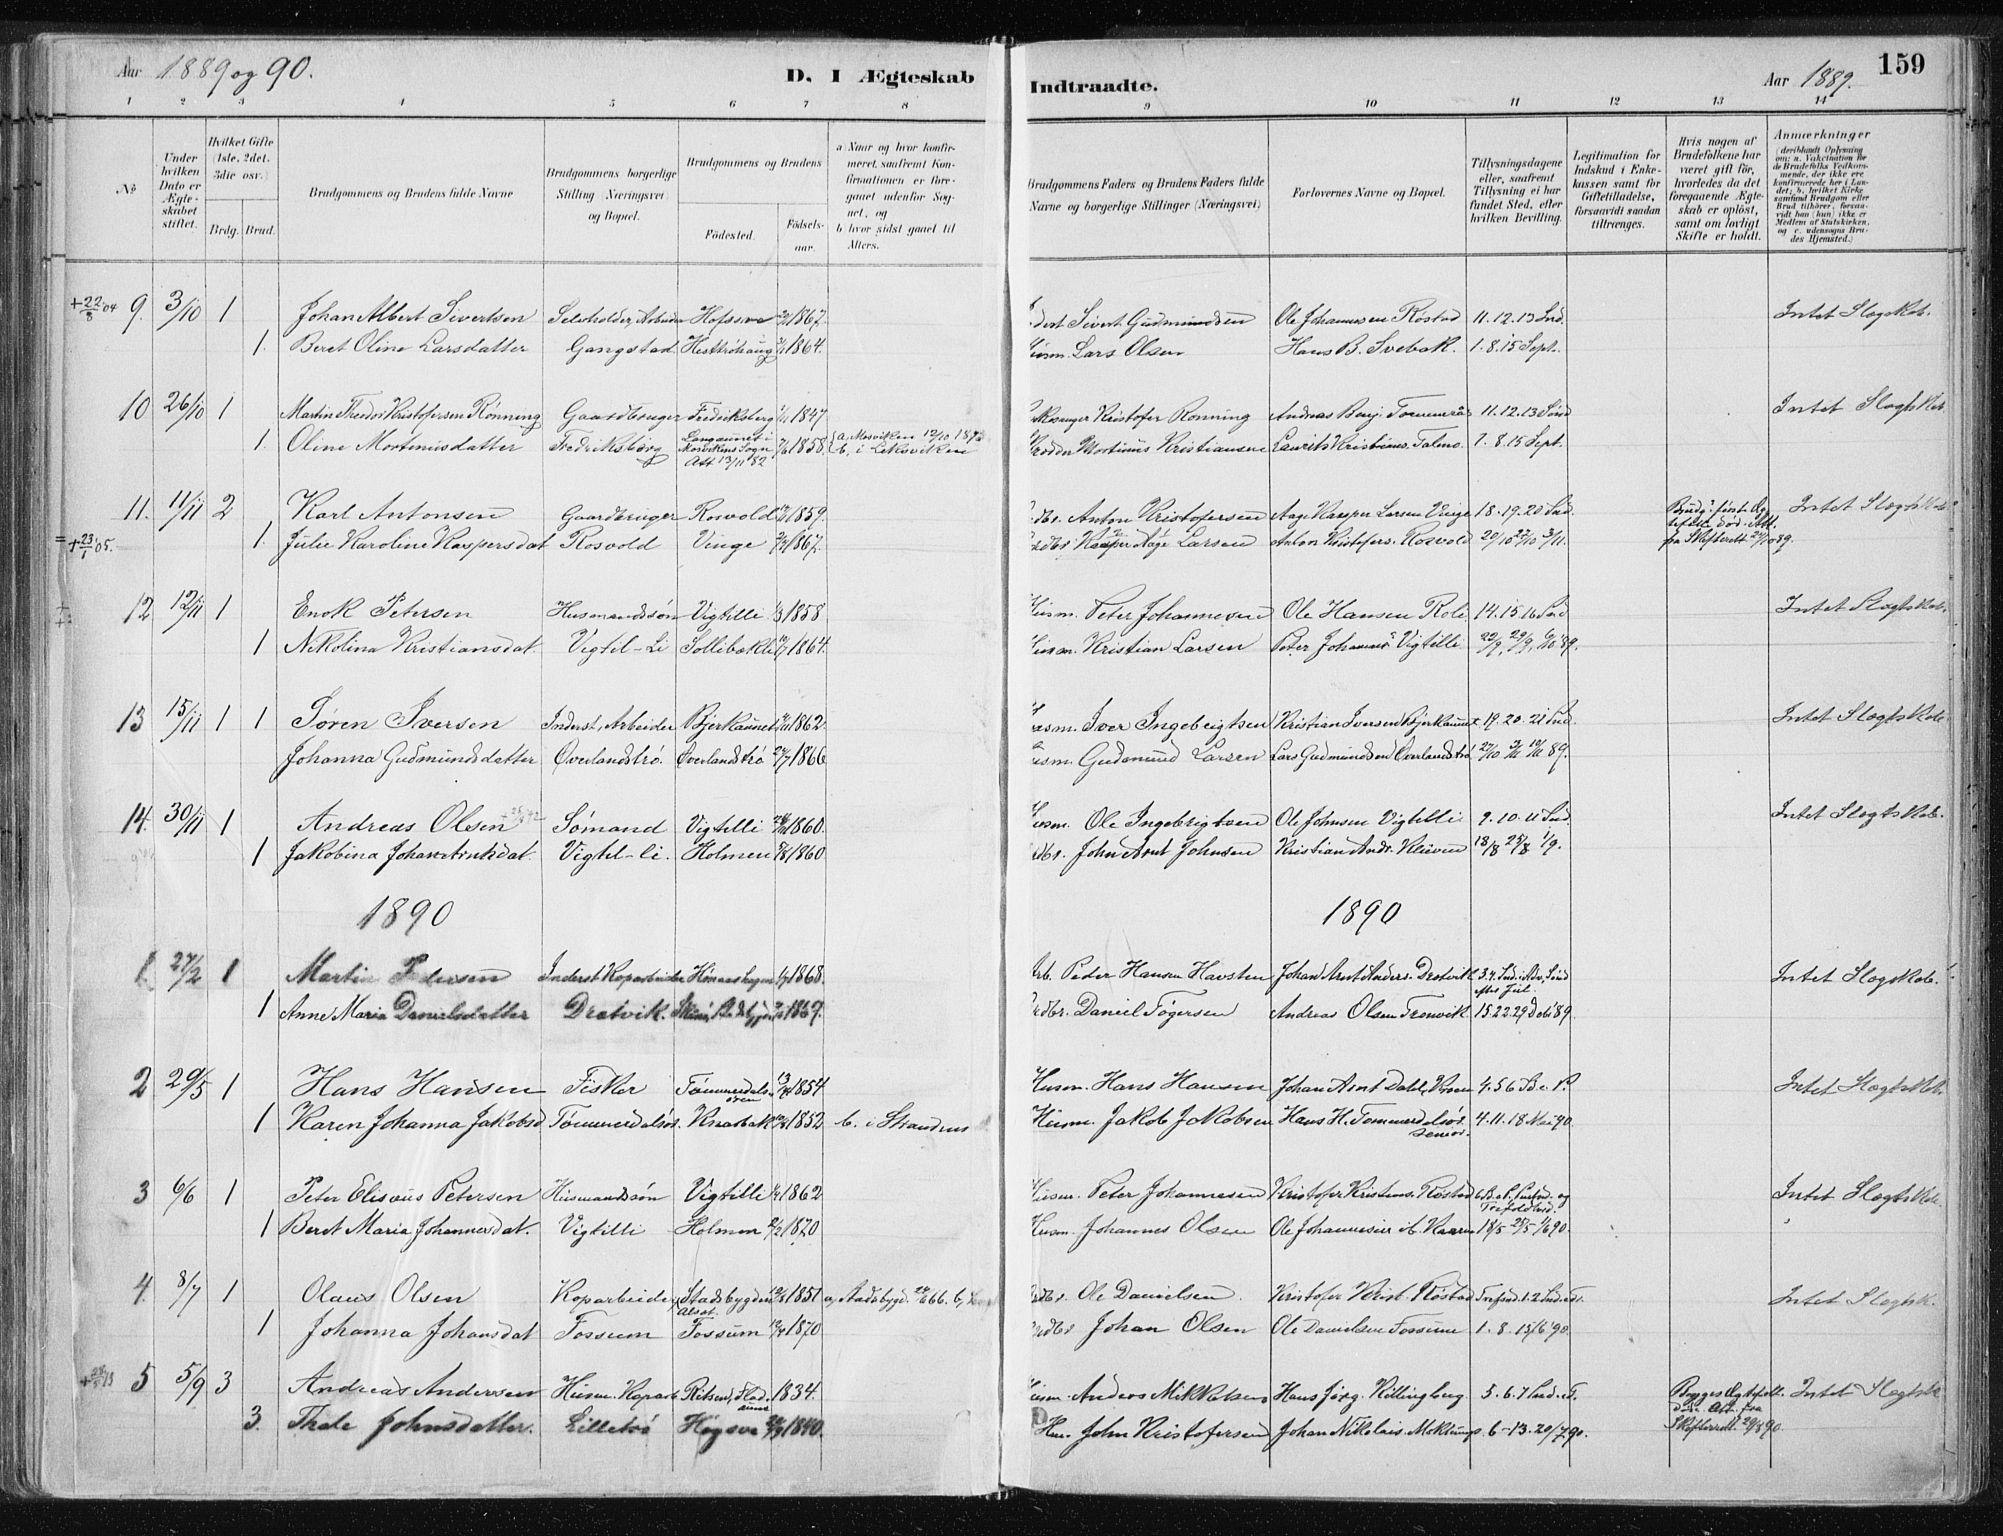 SAT, Ministerialprotokoller, klokkerbøker og fødselsregistre - Nord-Trøndelag, 701/L0010: Ministerialbok nr. 701A10, 1883-1899, s. 159